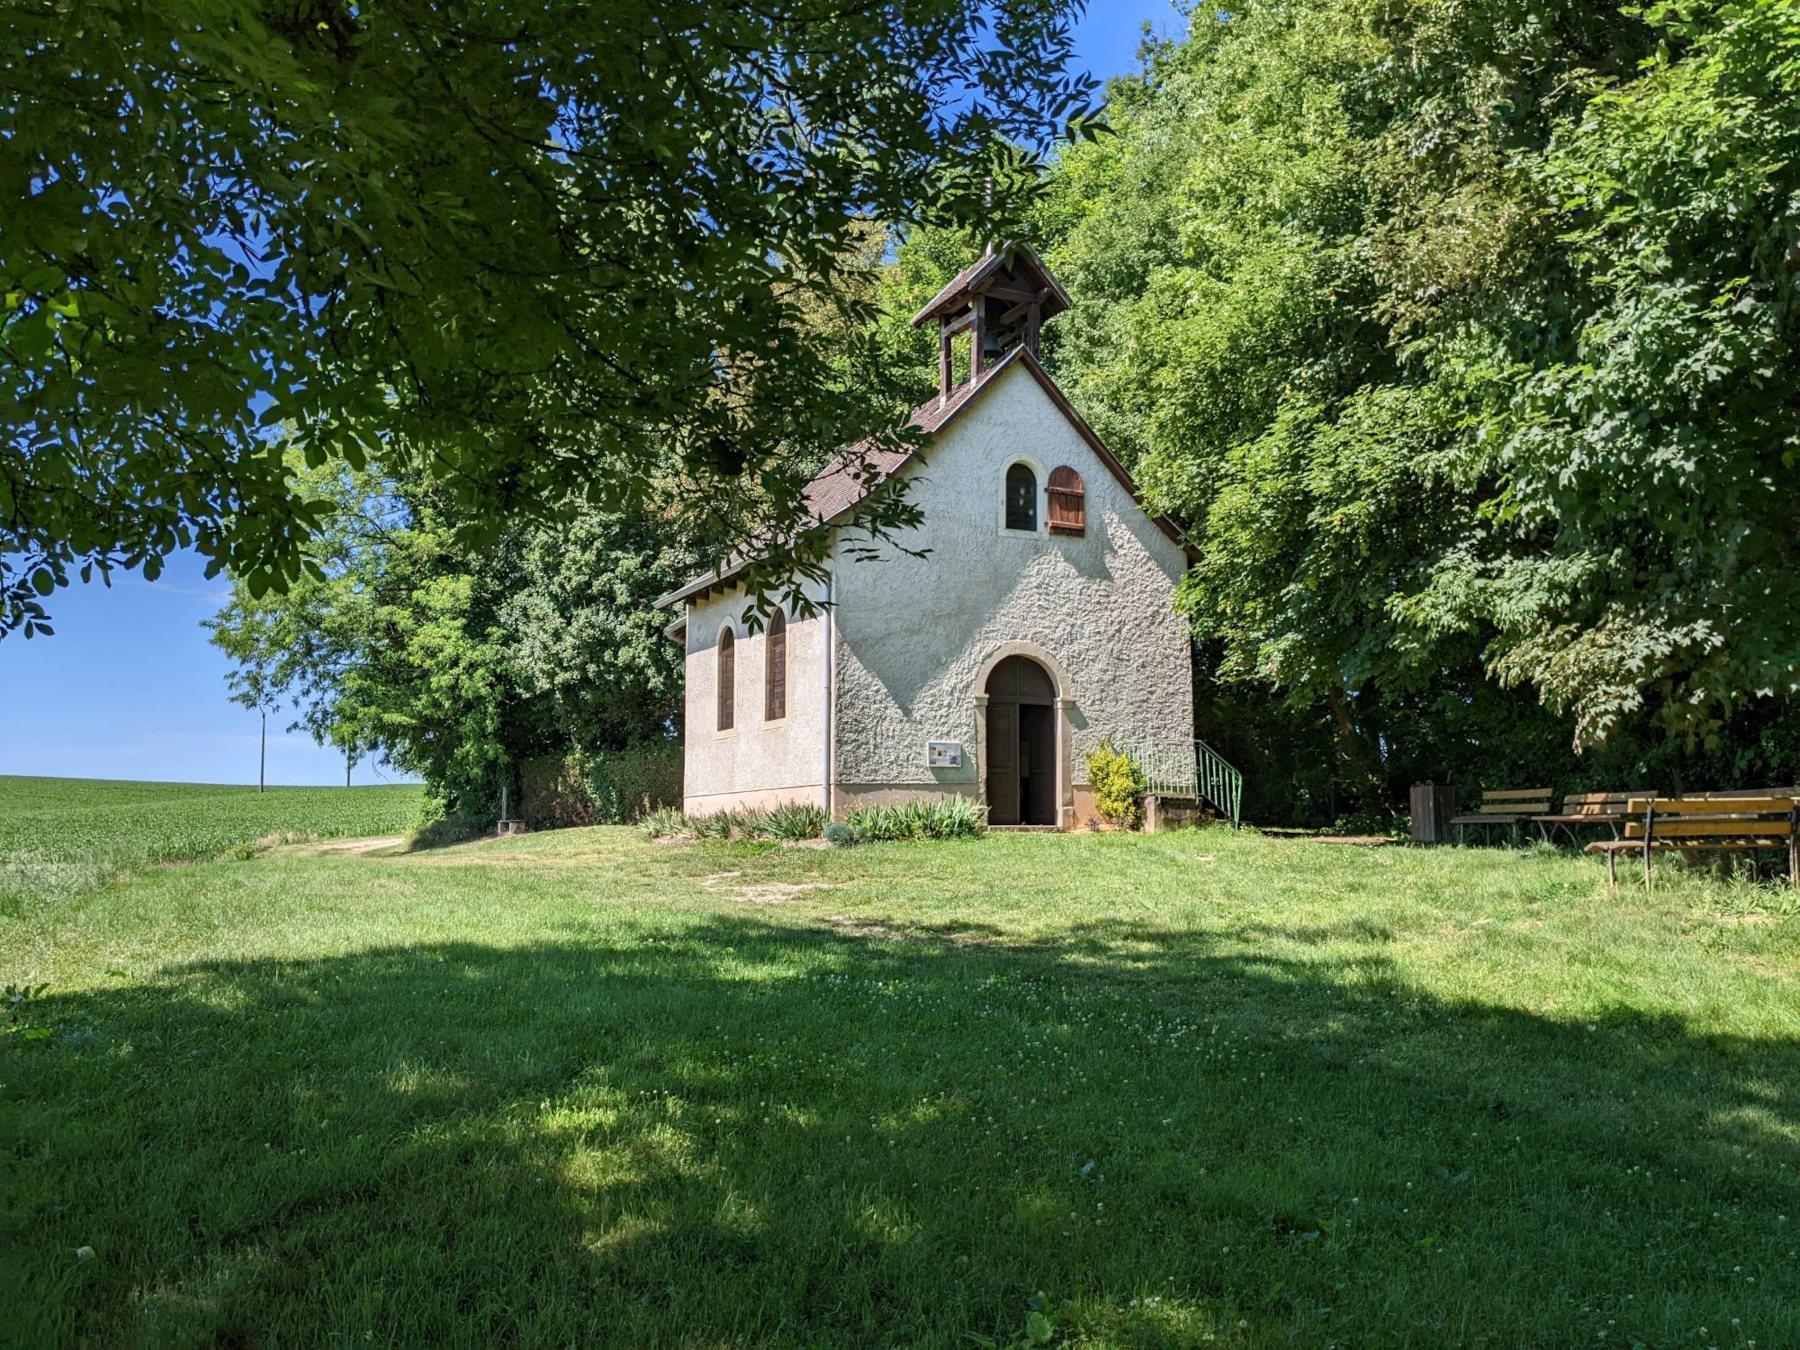 Litten Littenkapelle Chapel